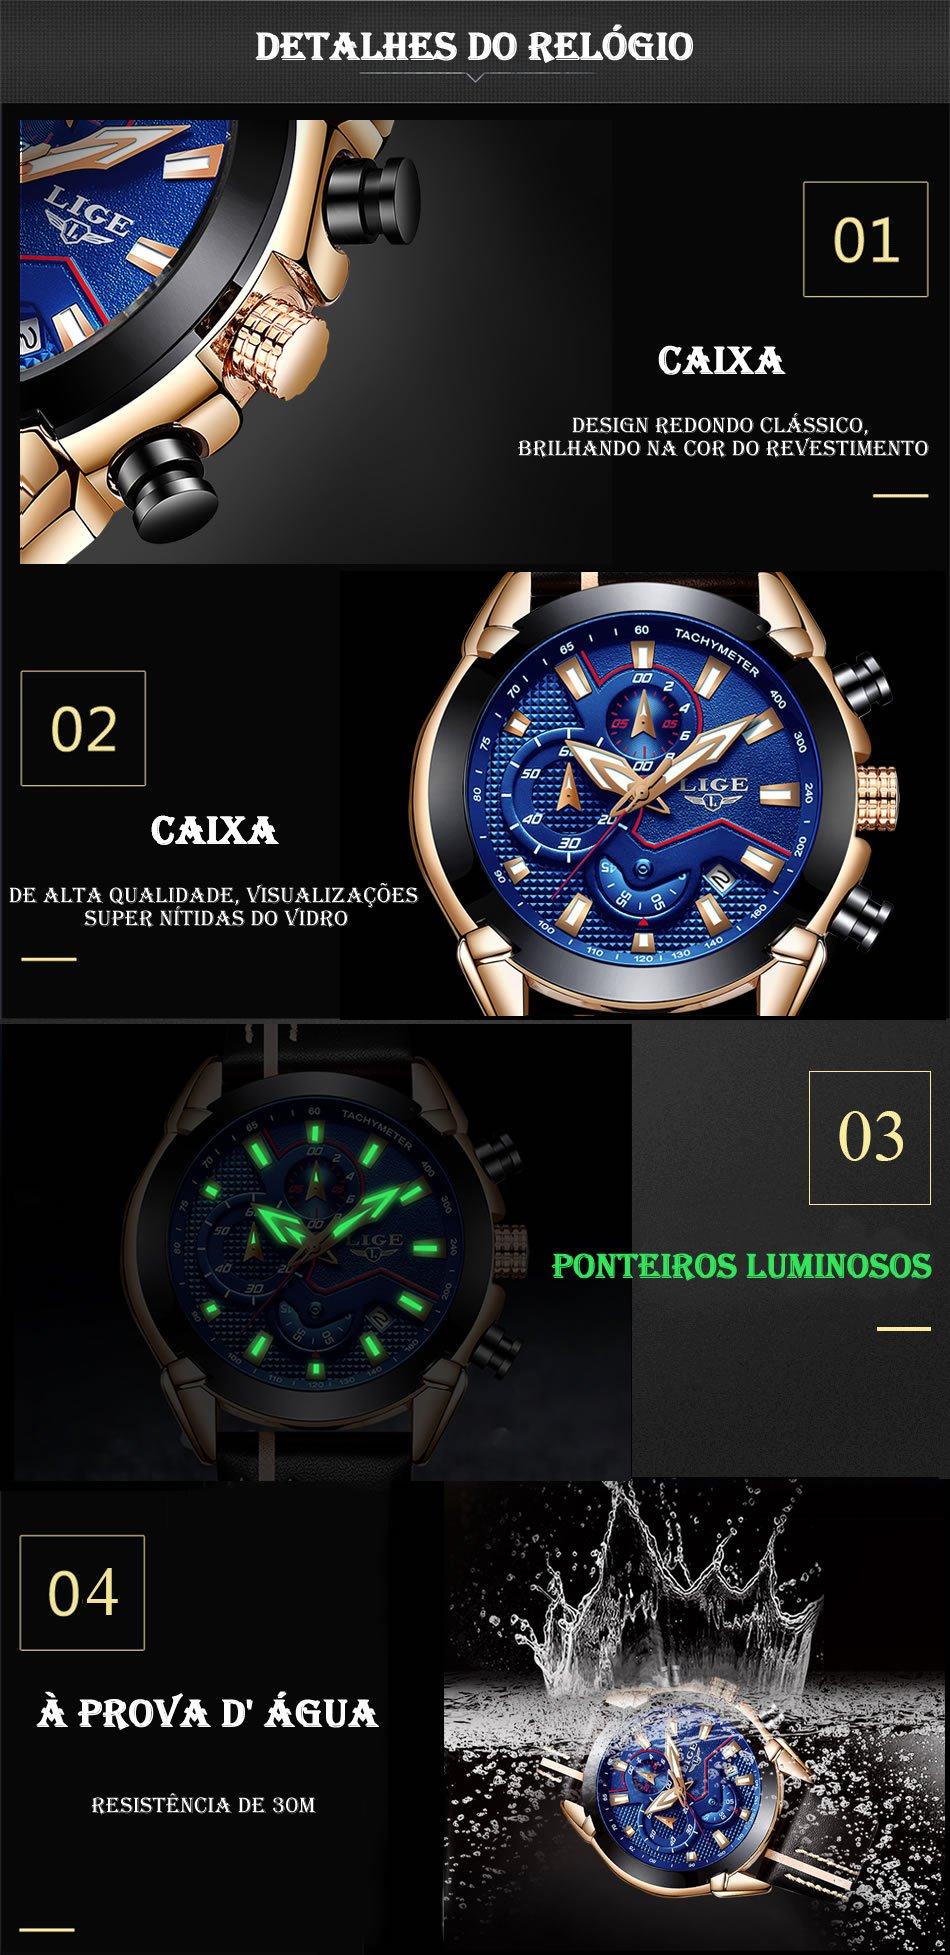 Relógio LIGE 9869 Detalhes do Relógio